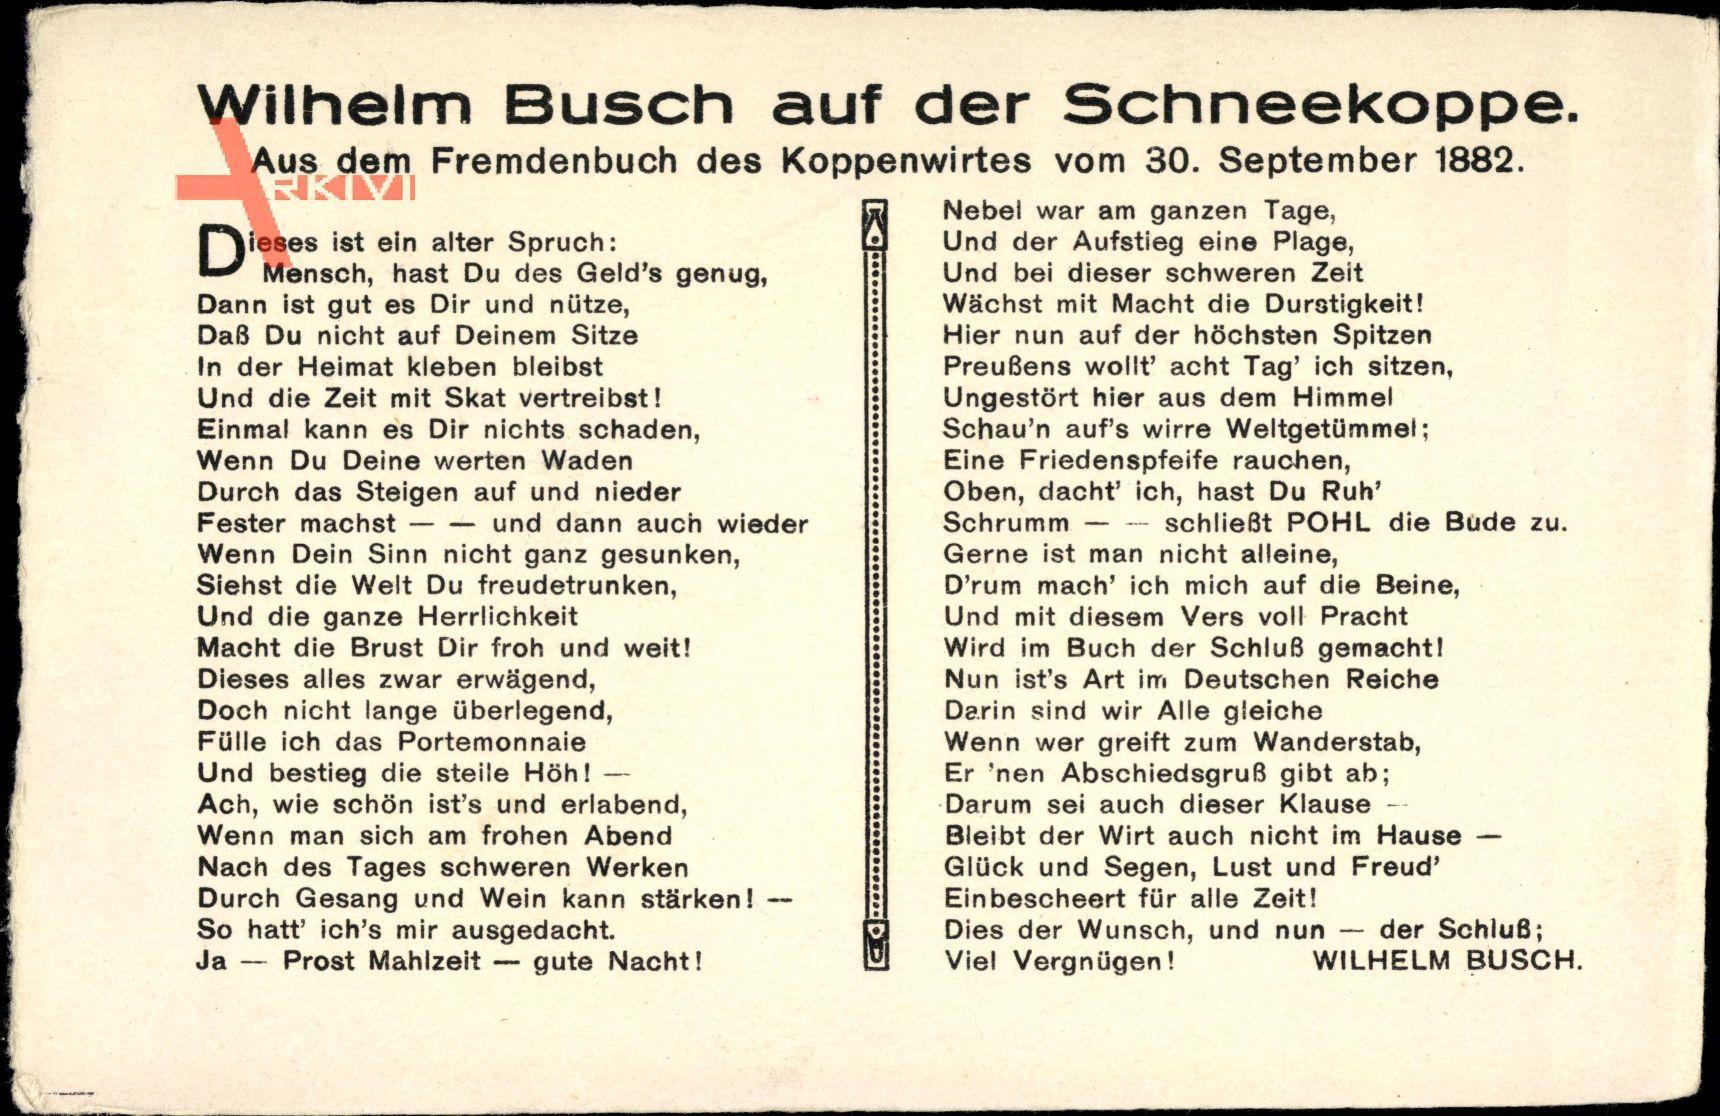 Wilhelm Busch Auf Der Schneekoppe, 30 September 1882, Bucheintrag, Gedicht über Wilhelm Busch Geburtstag Gedicht